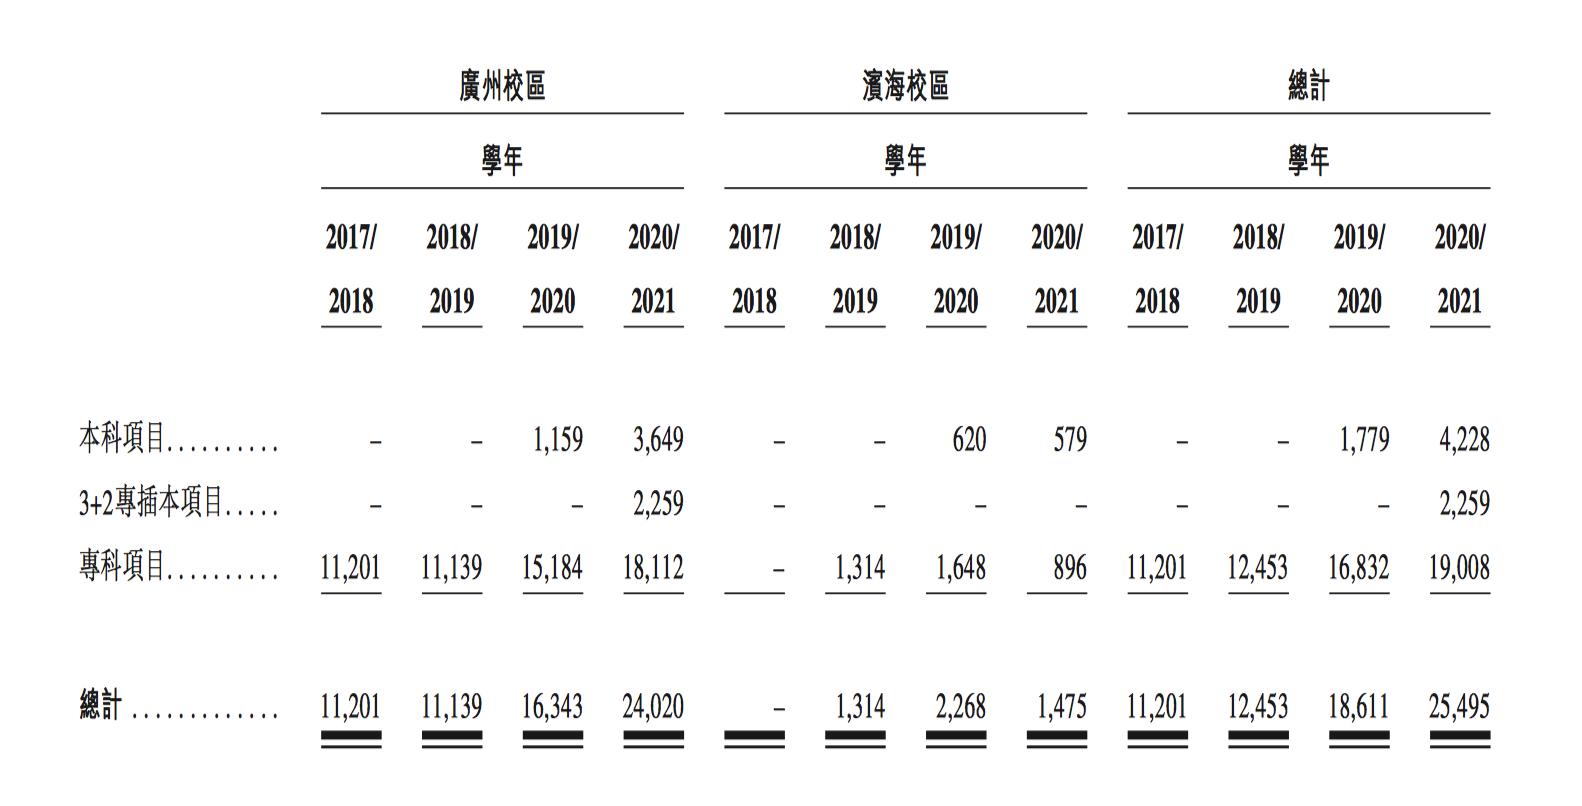 蔡徐坤微博分享过亿事情背后推手:星援App开发人员获刑五年